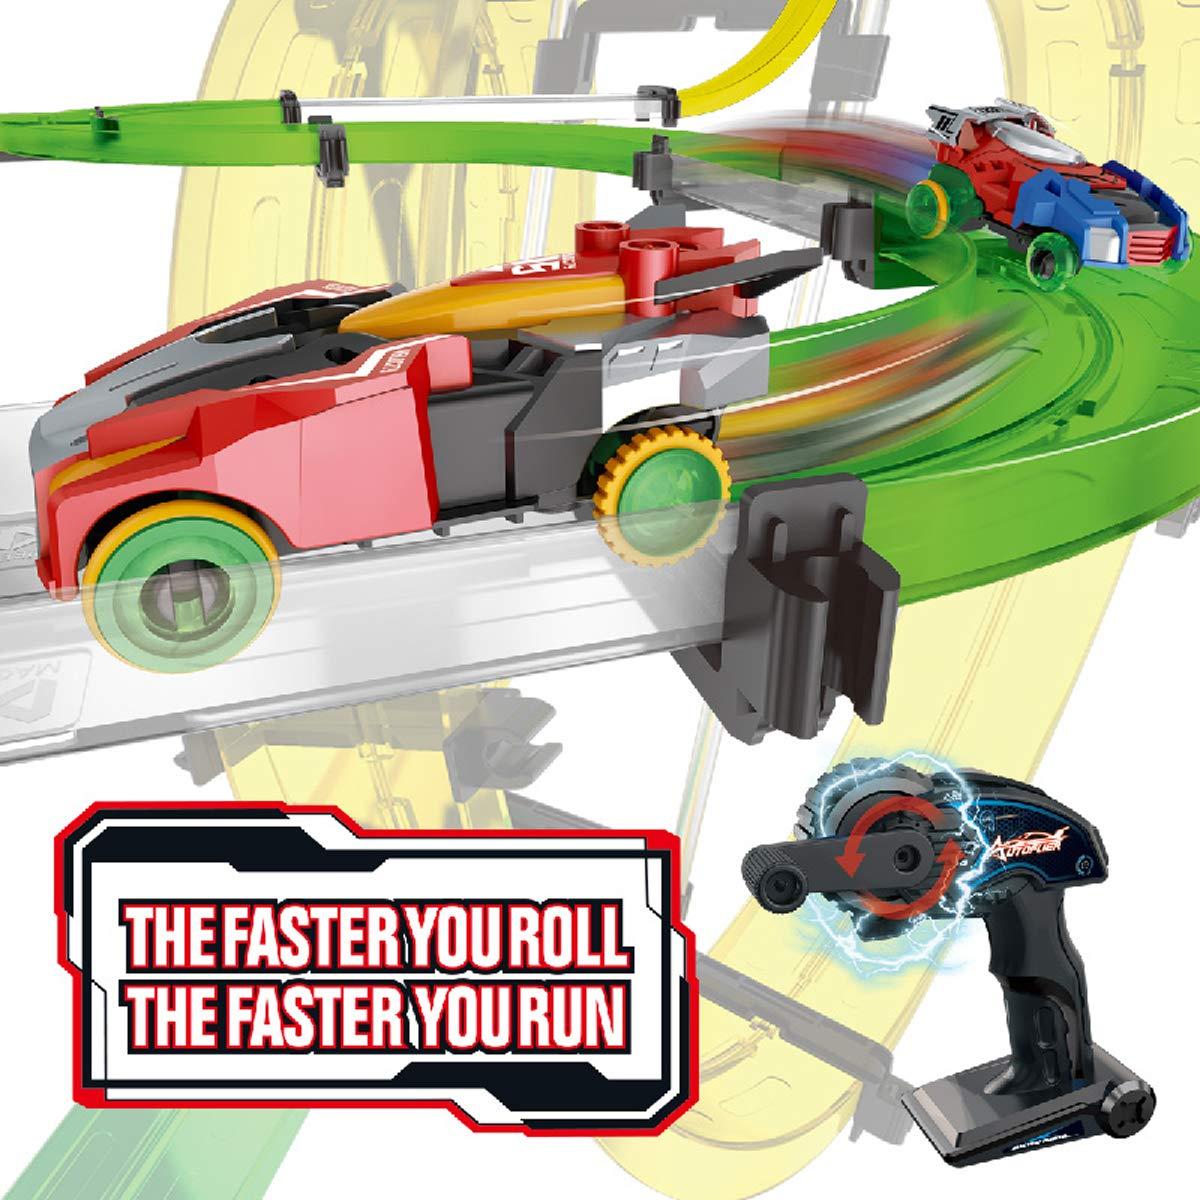 Remoking Rail Race RC Track Car Toys 860cm Build Your Own 3D Super